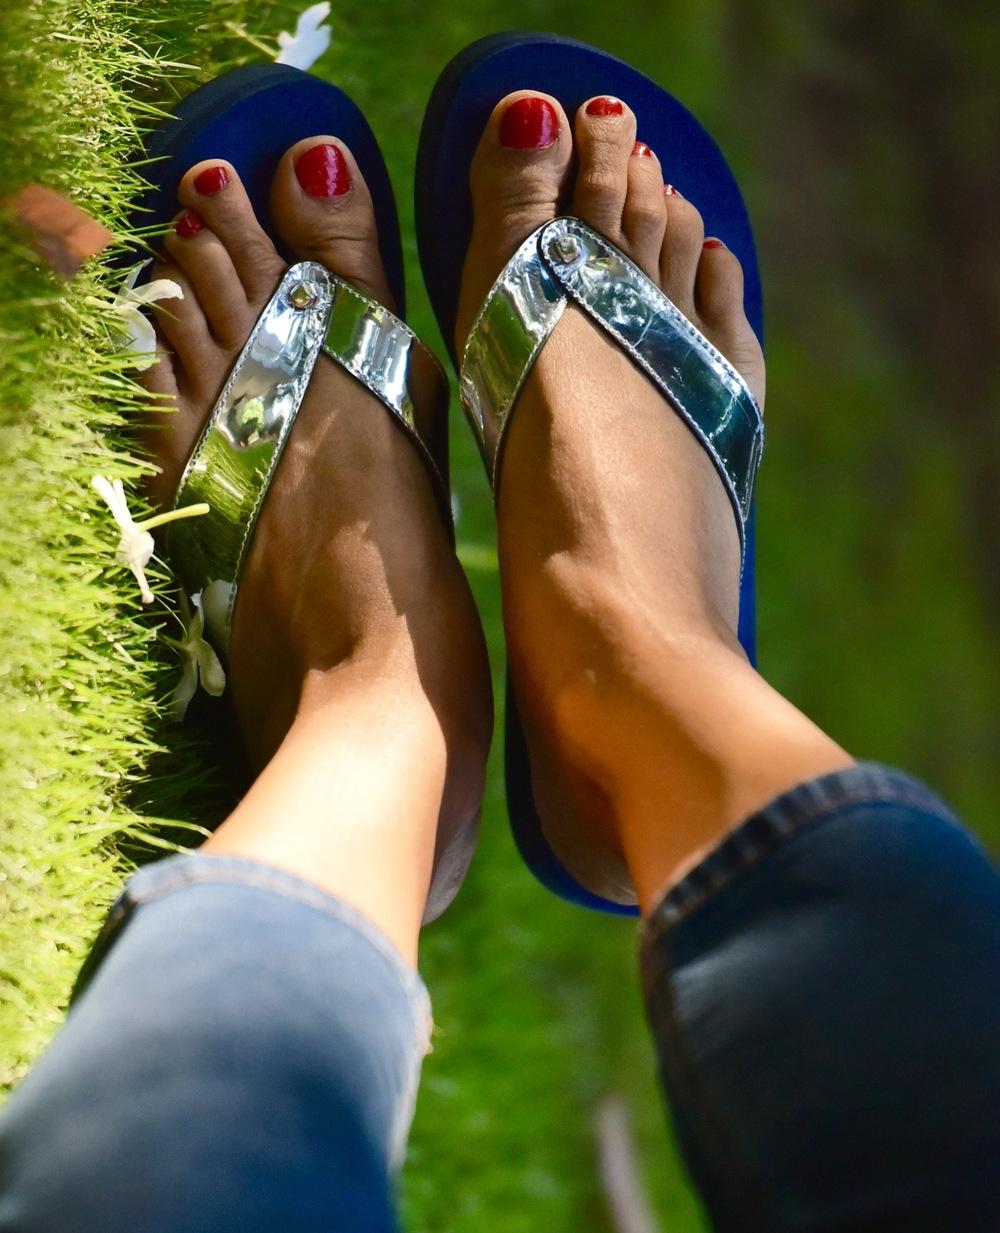 These fancy flip-flops are fun to wear! Image©gunjanvirk